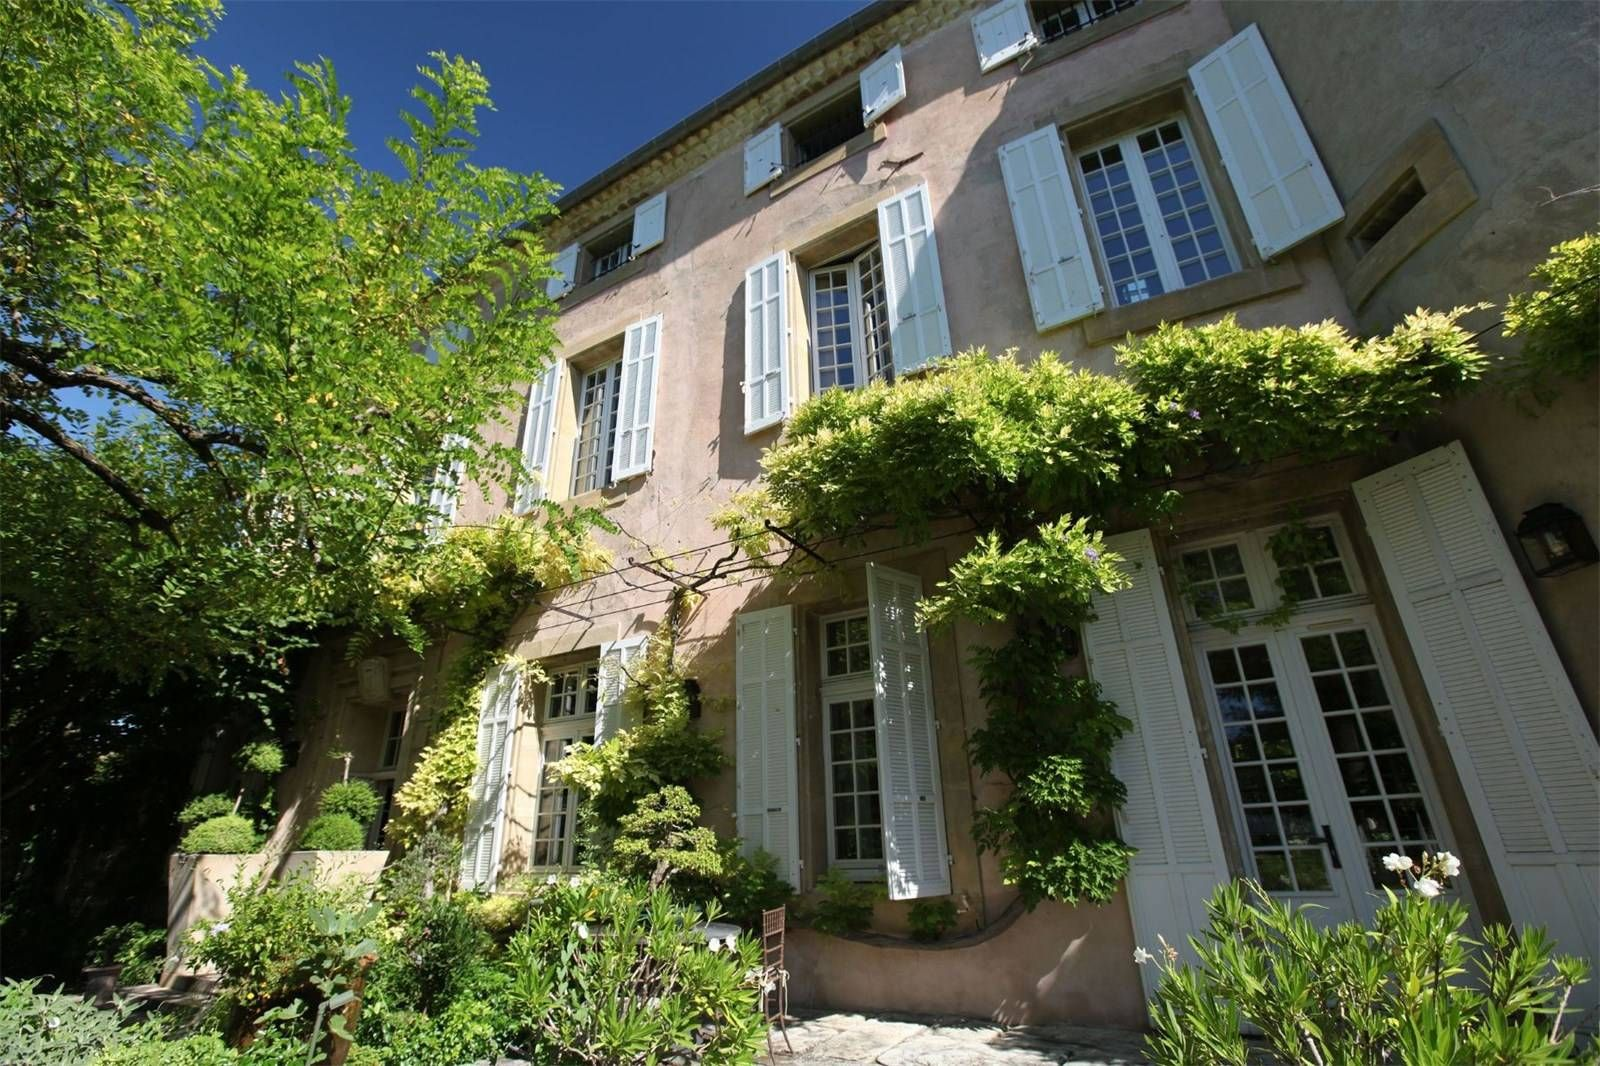 Vaison La Romaine, Provence Alpes Cote Du0027Azur, France U2013 Luxury Home For Sale